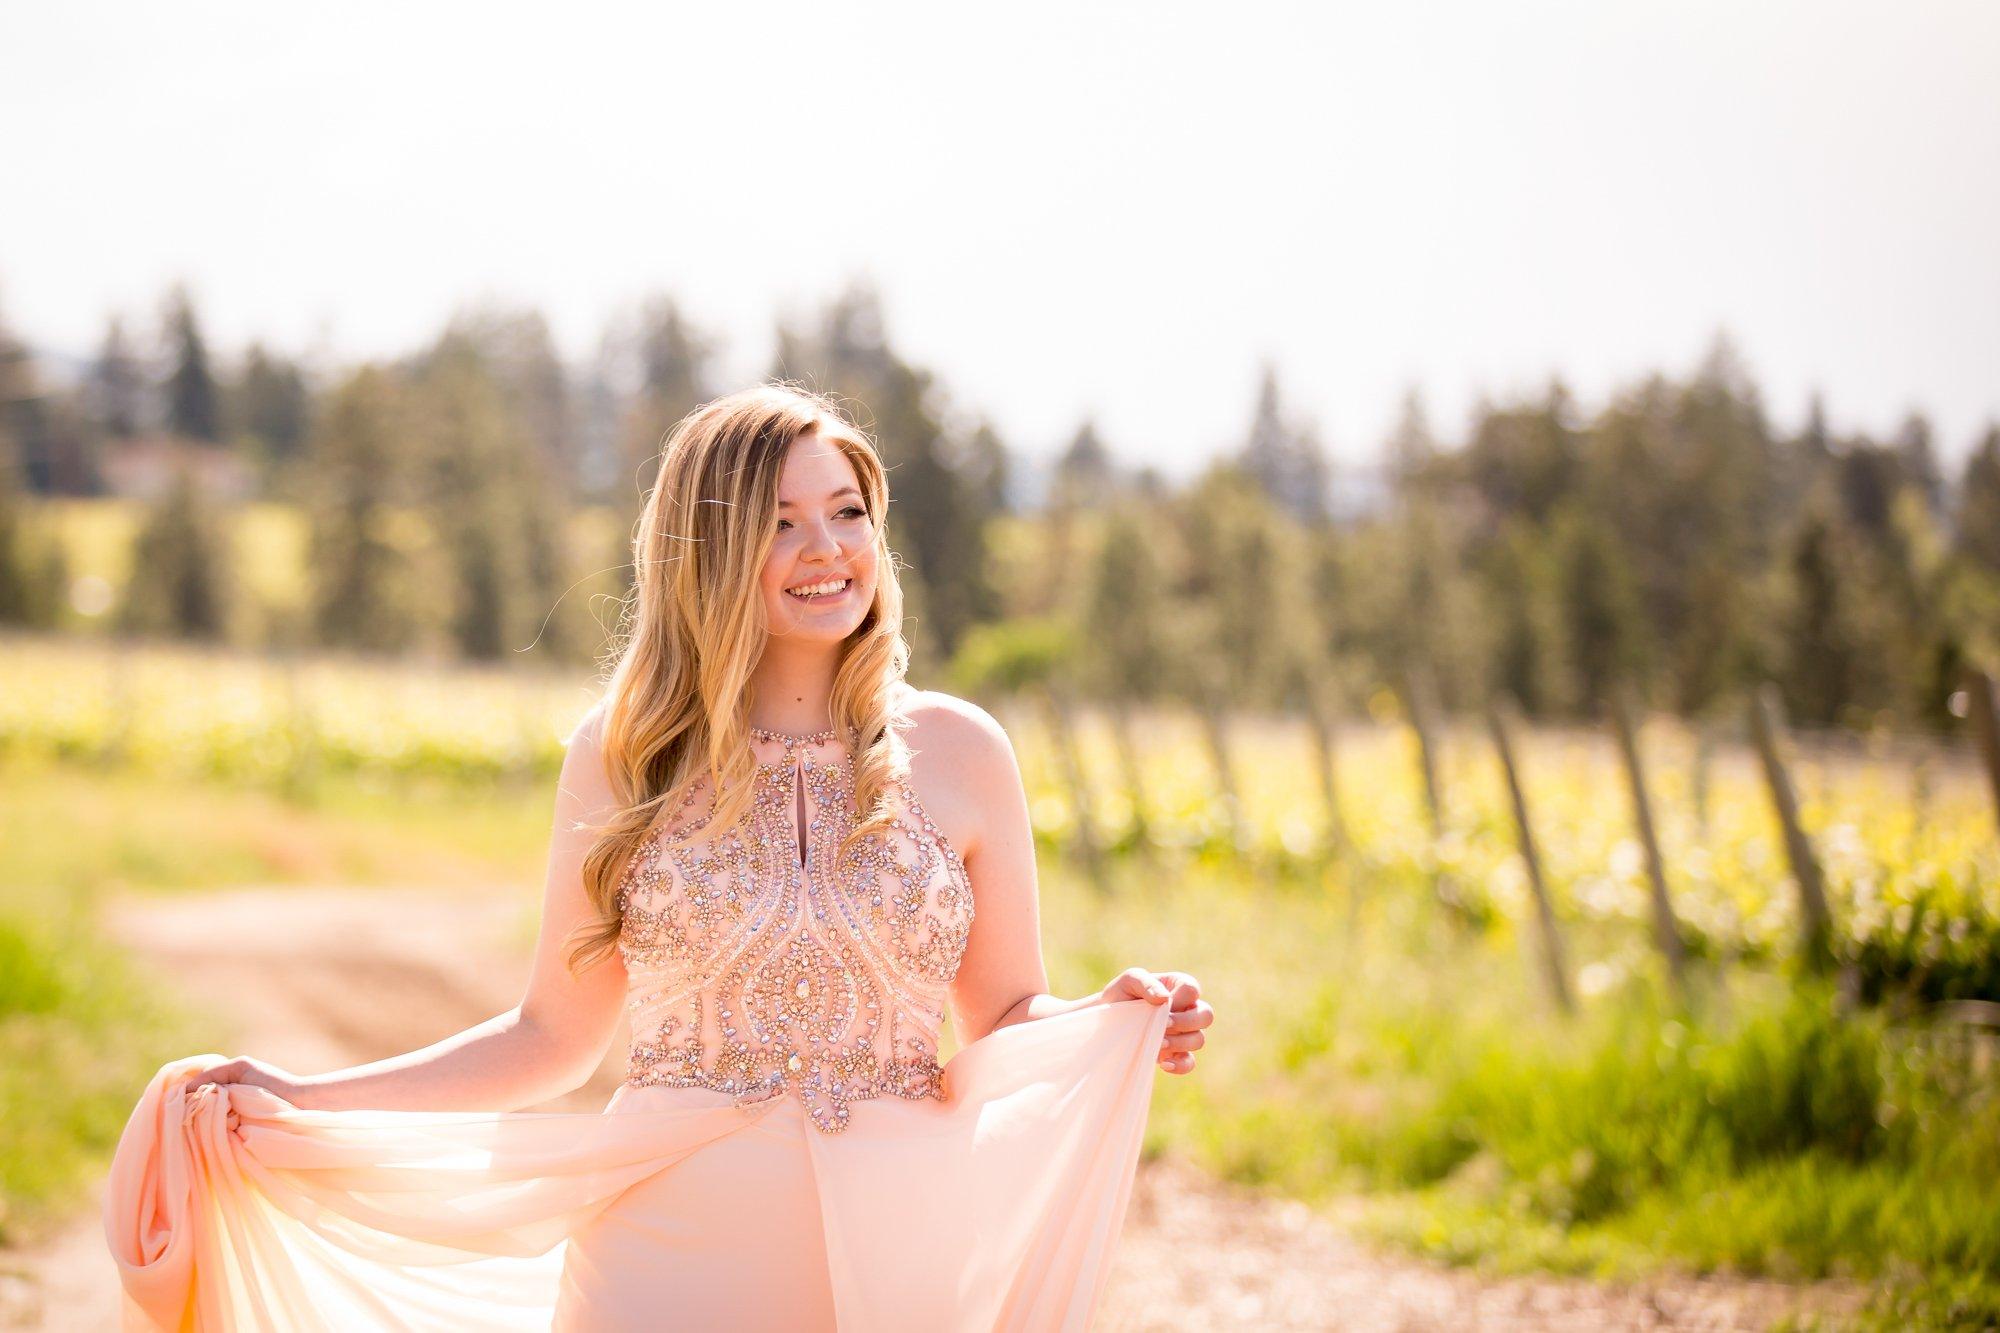 A grad walking int he sunlight in her pink dress